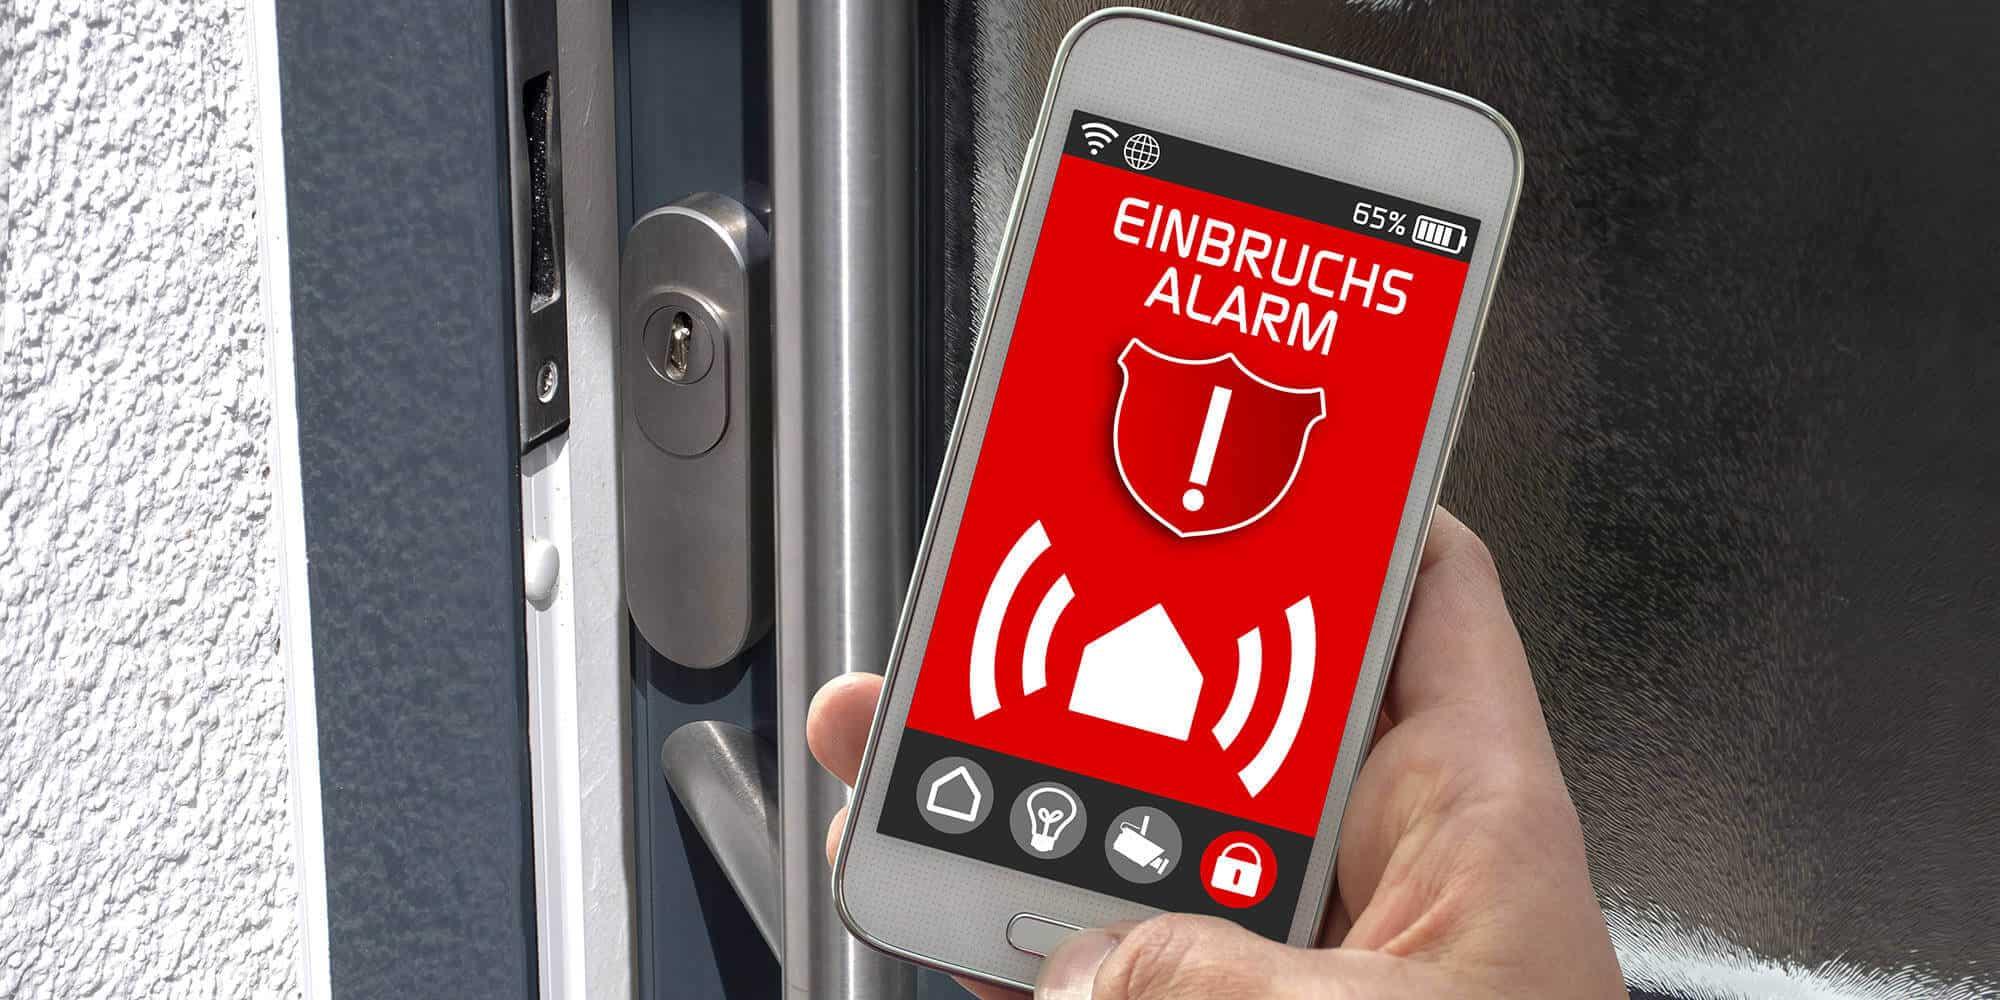 KNX Fenster Sicherung am Handy